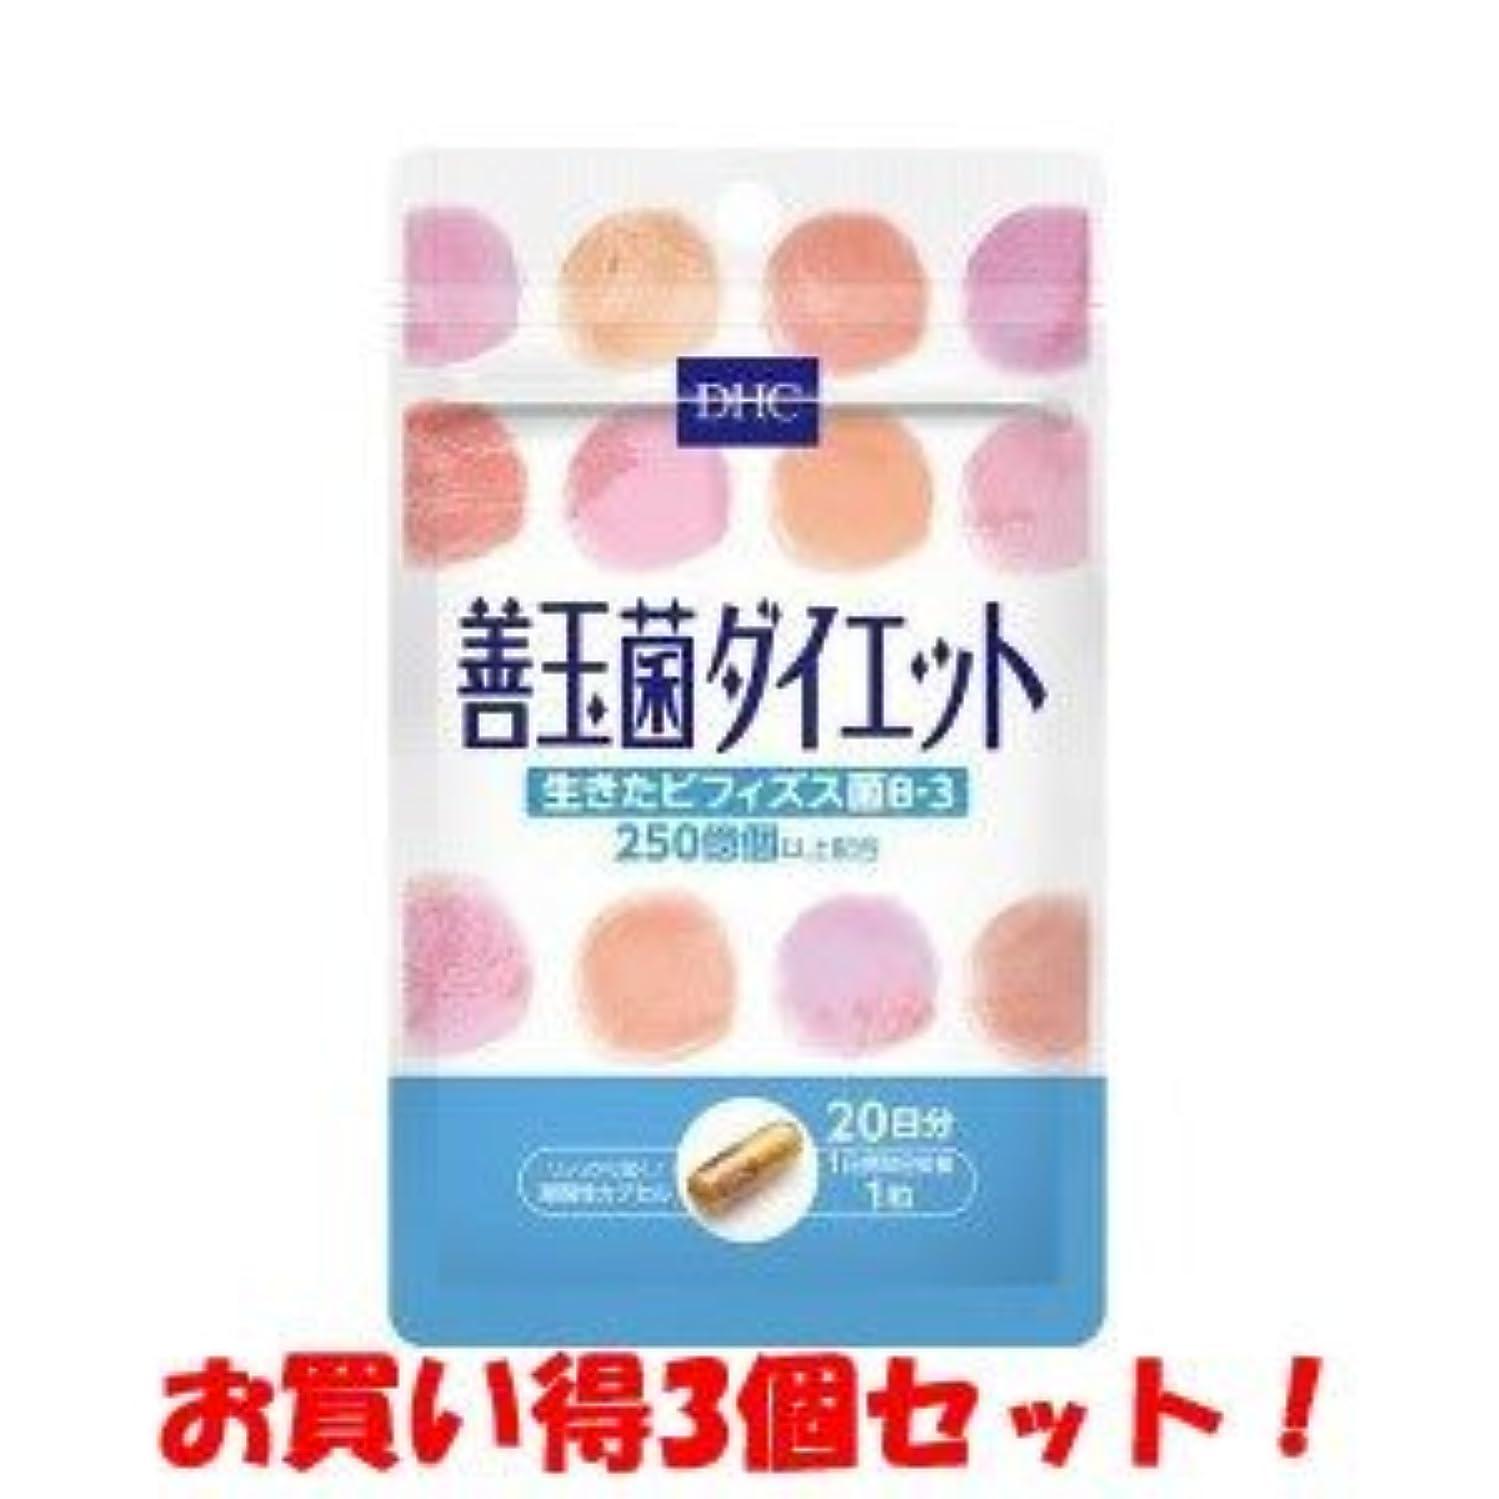 マニュアル銀行断線DHC 20日善玉菌ダイエット 6.9g/新商品/(お買い得3個セット)